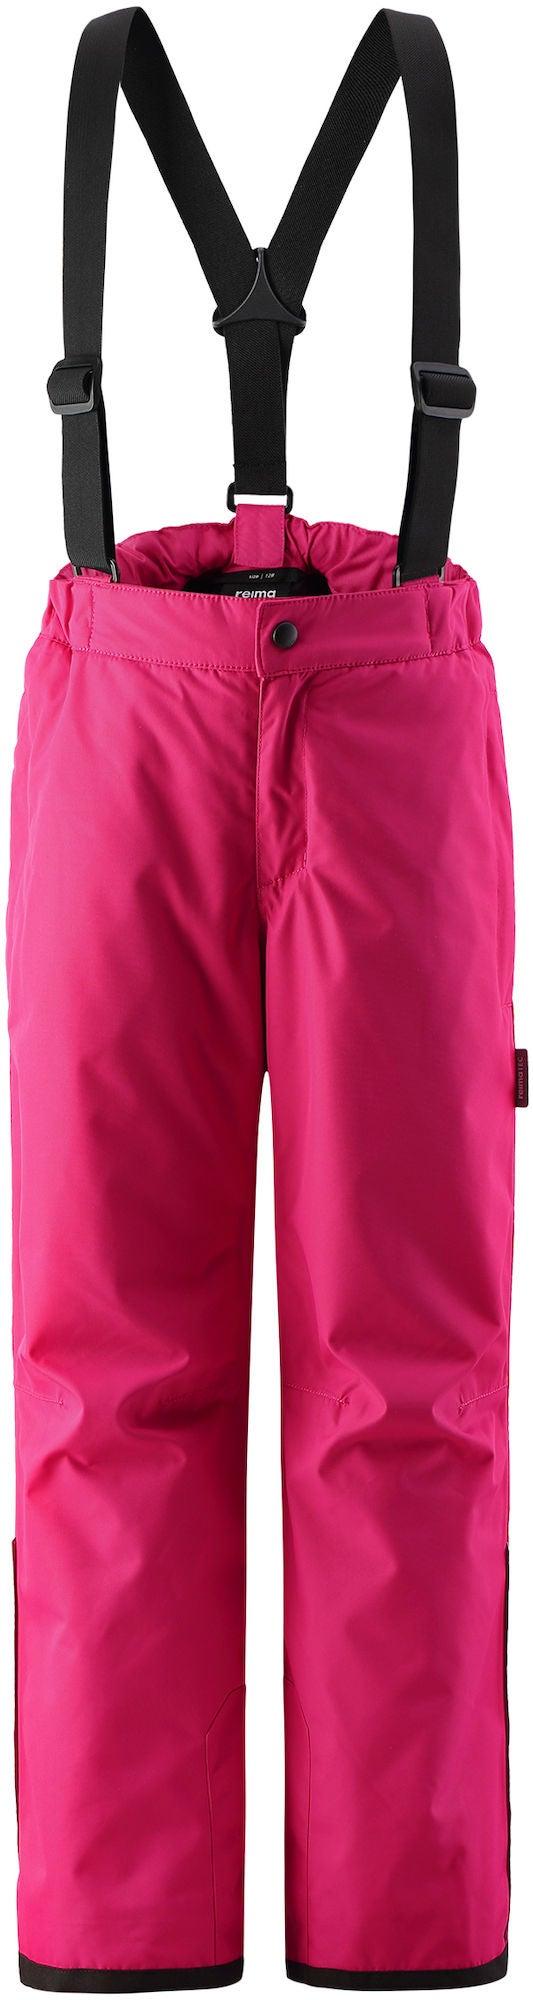 Reimatec Proxima Byxa, Raspberry Pink, 104